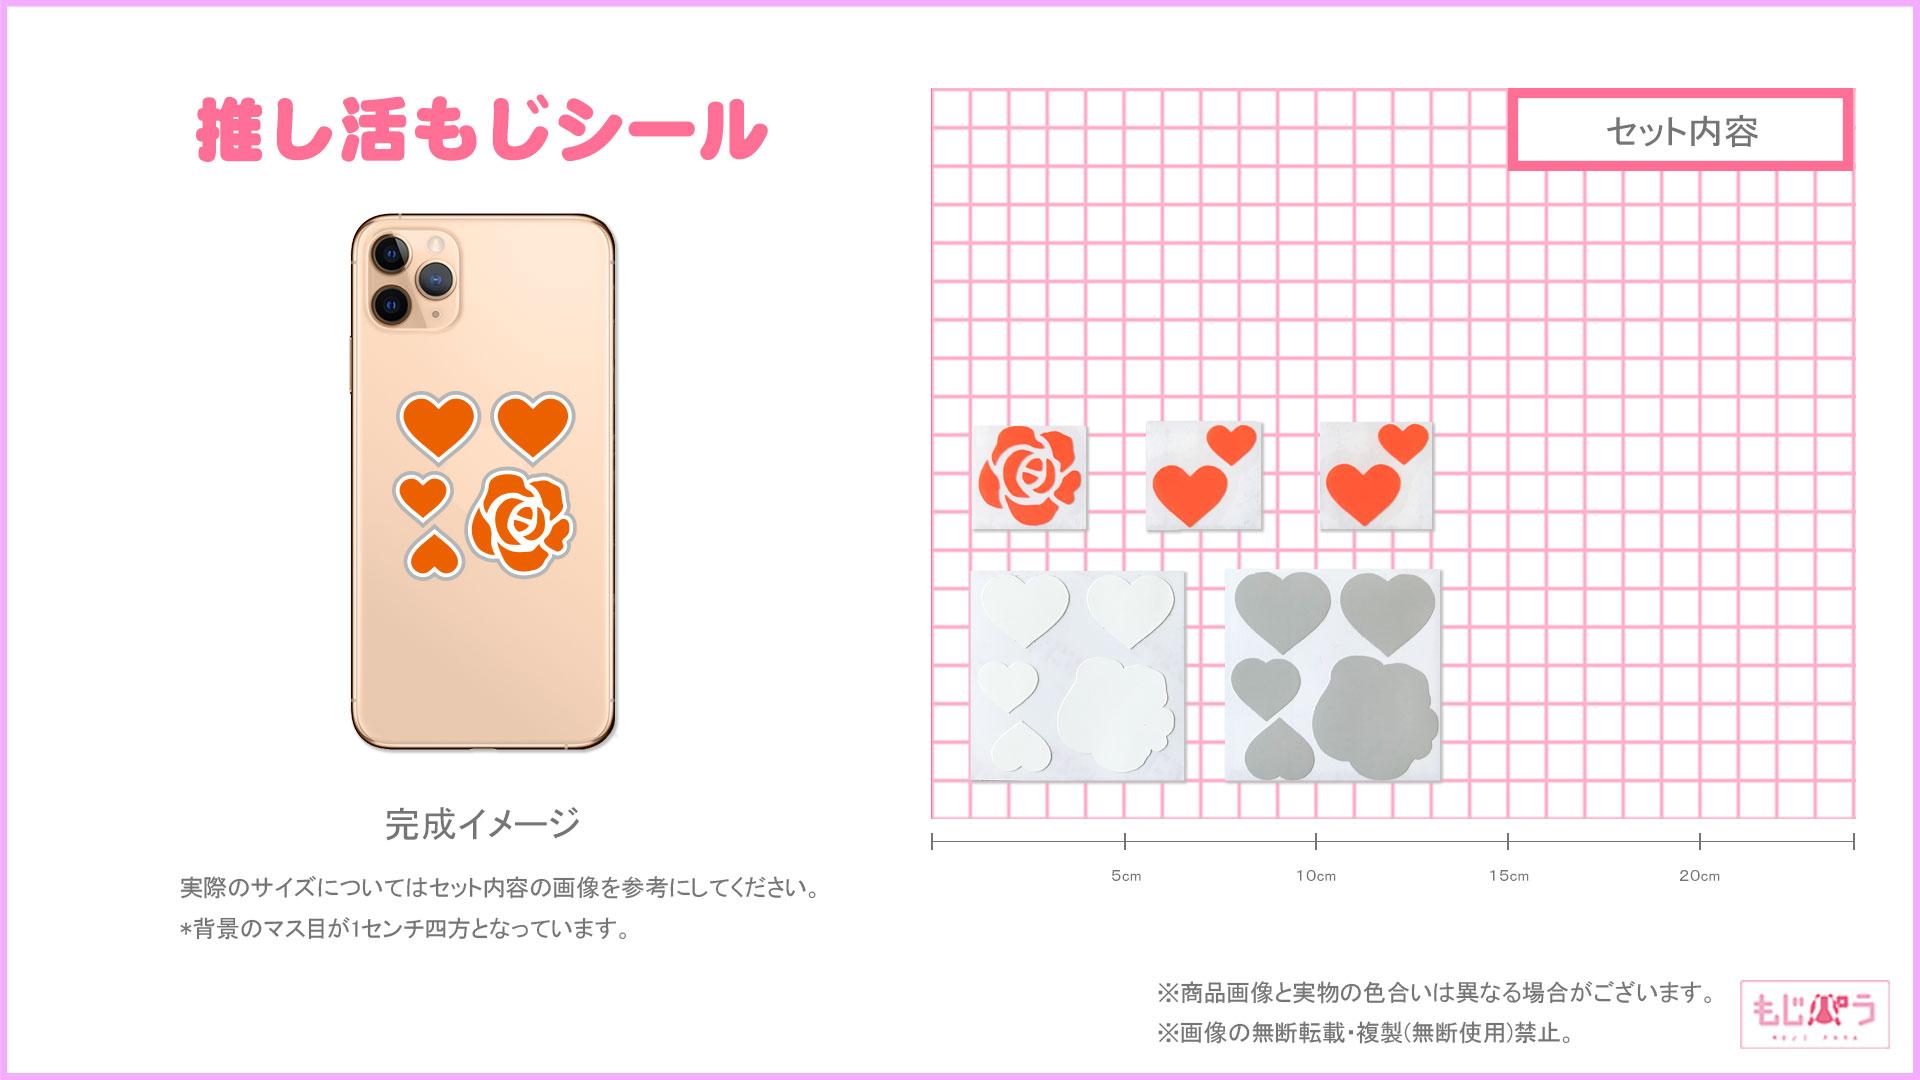 推し活もじシール デコるー 4S バラセット1 オレンジ画像